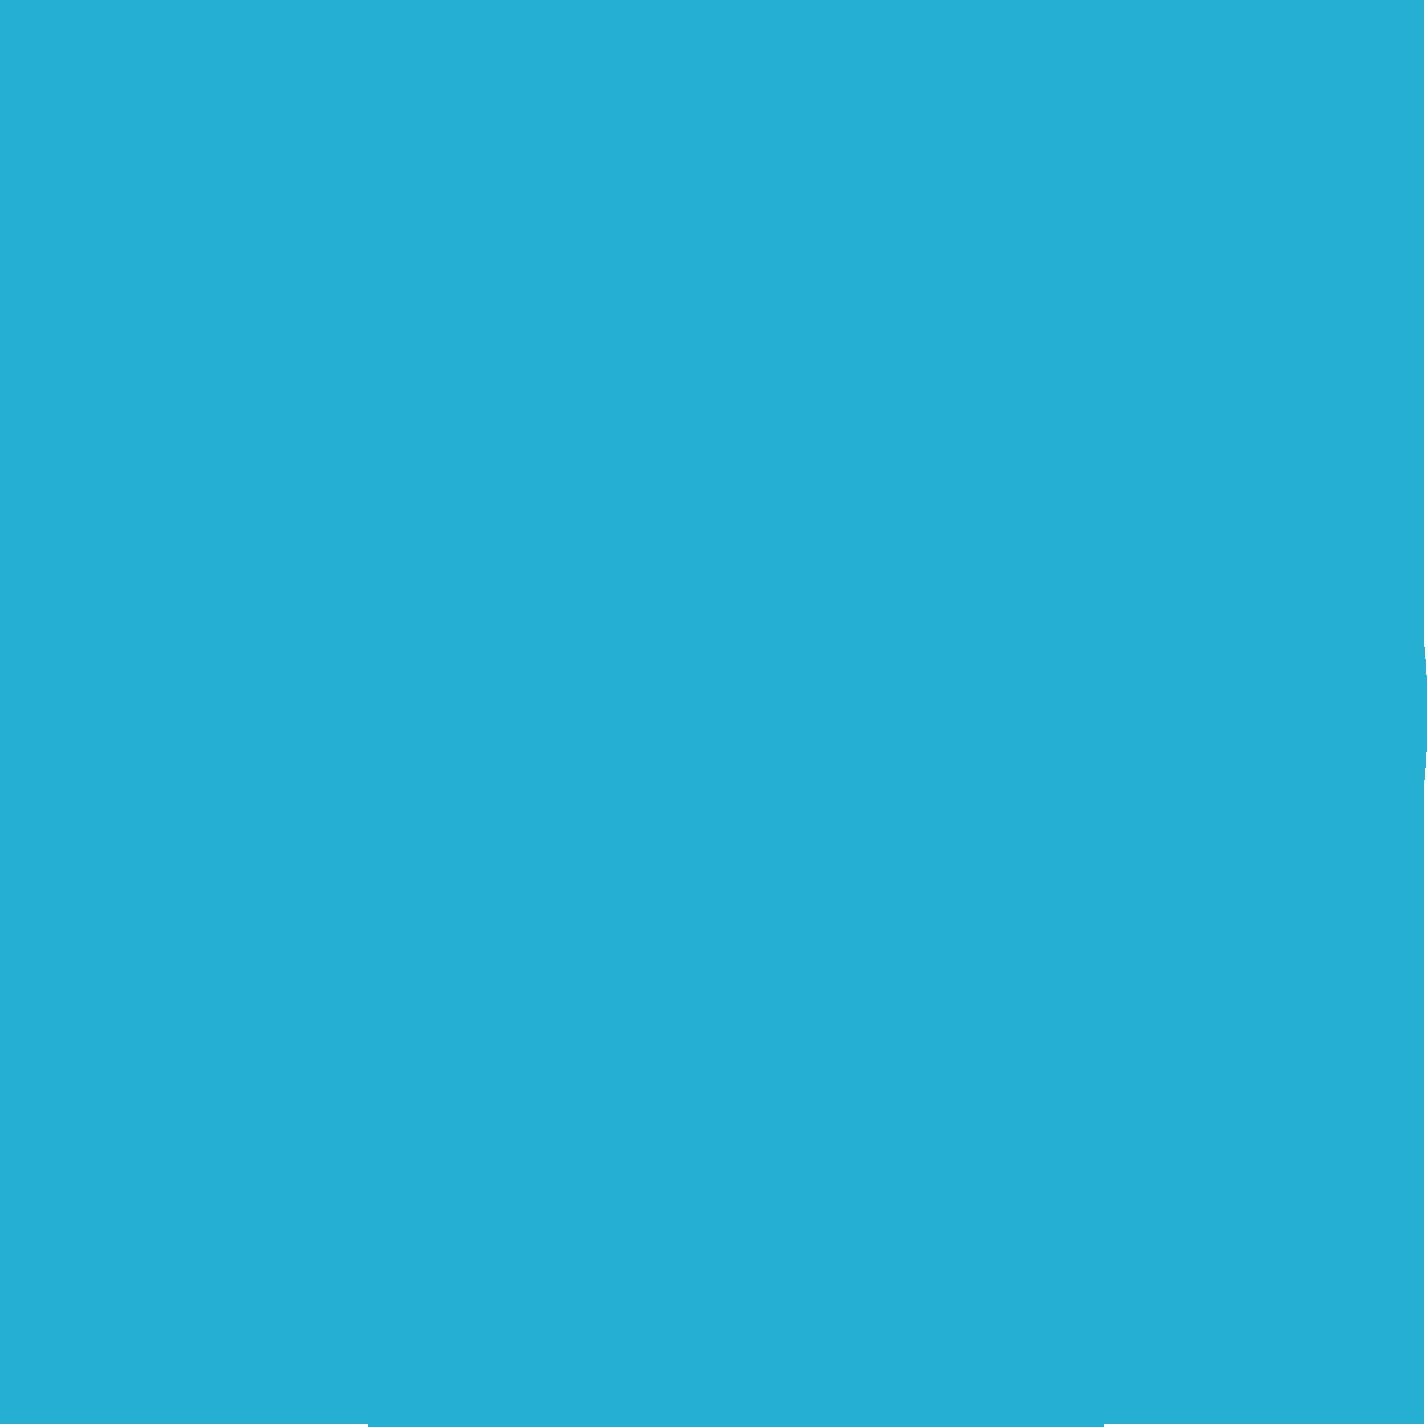 Yahara-Bay-Distillers-logo-blue.png